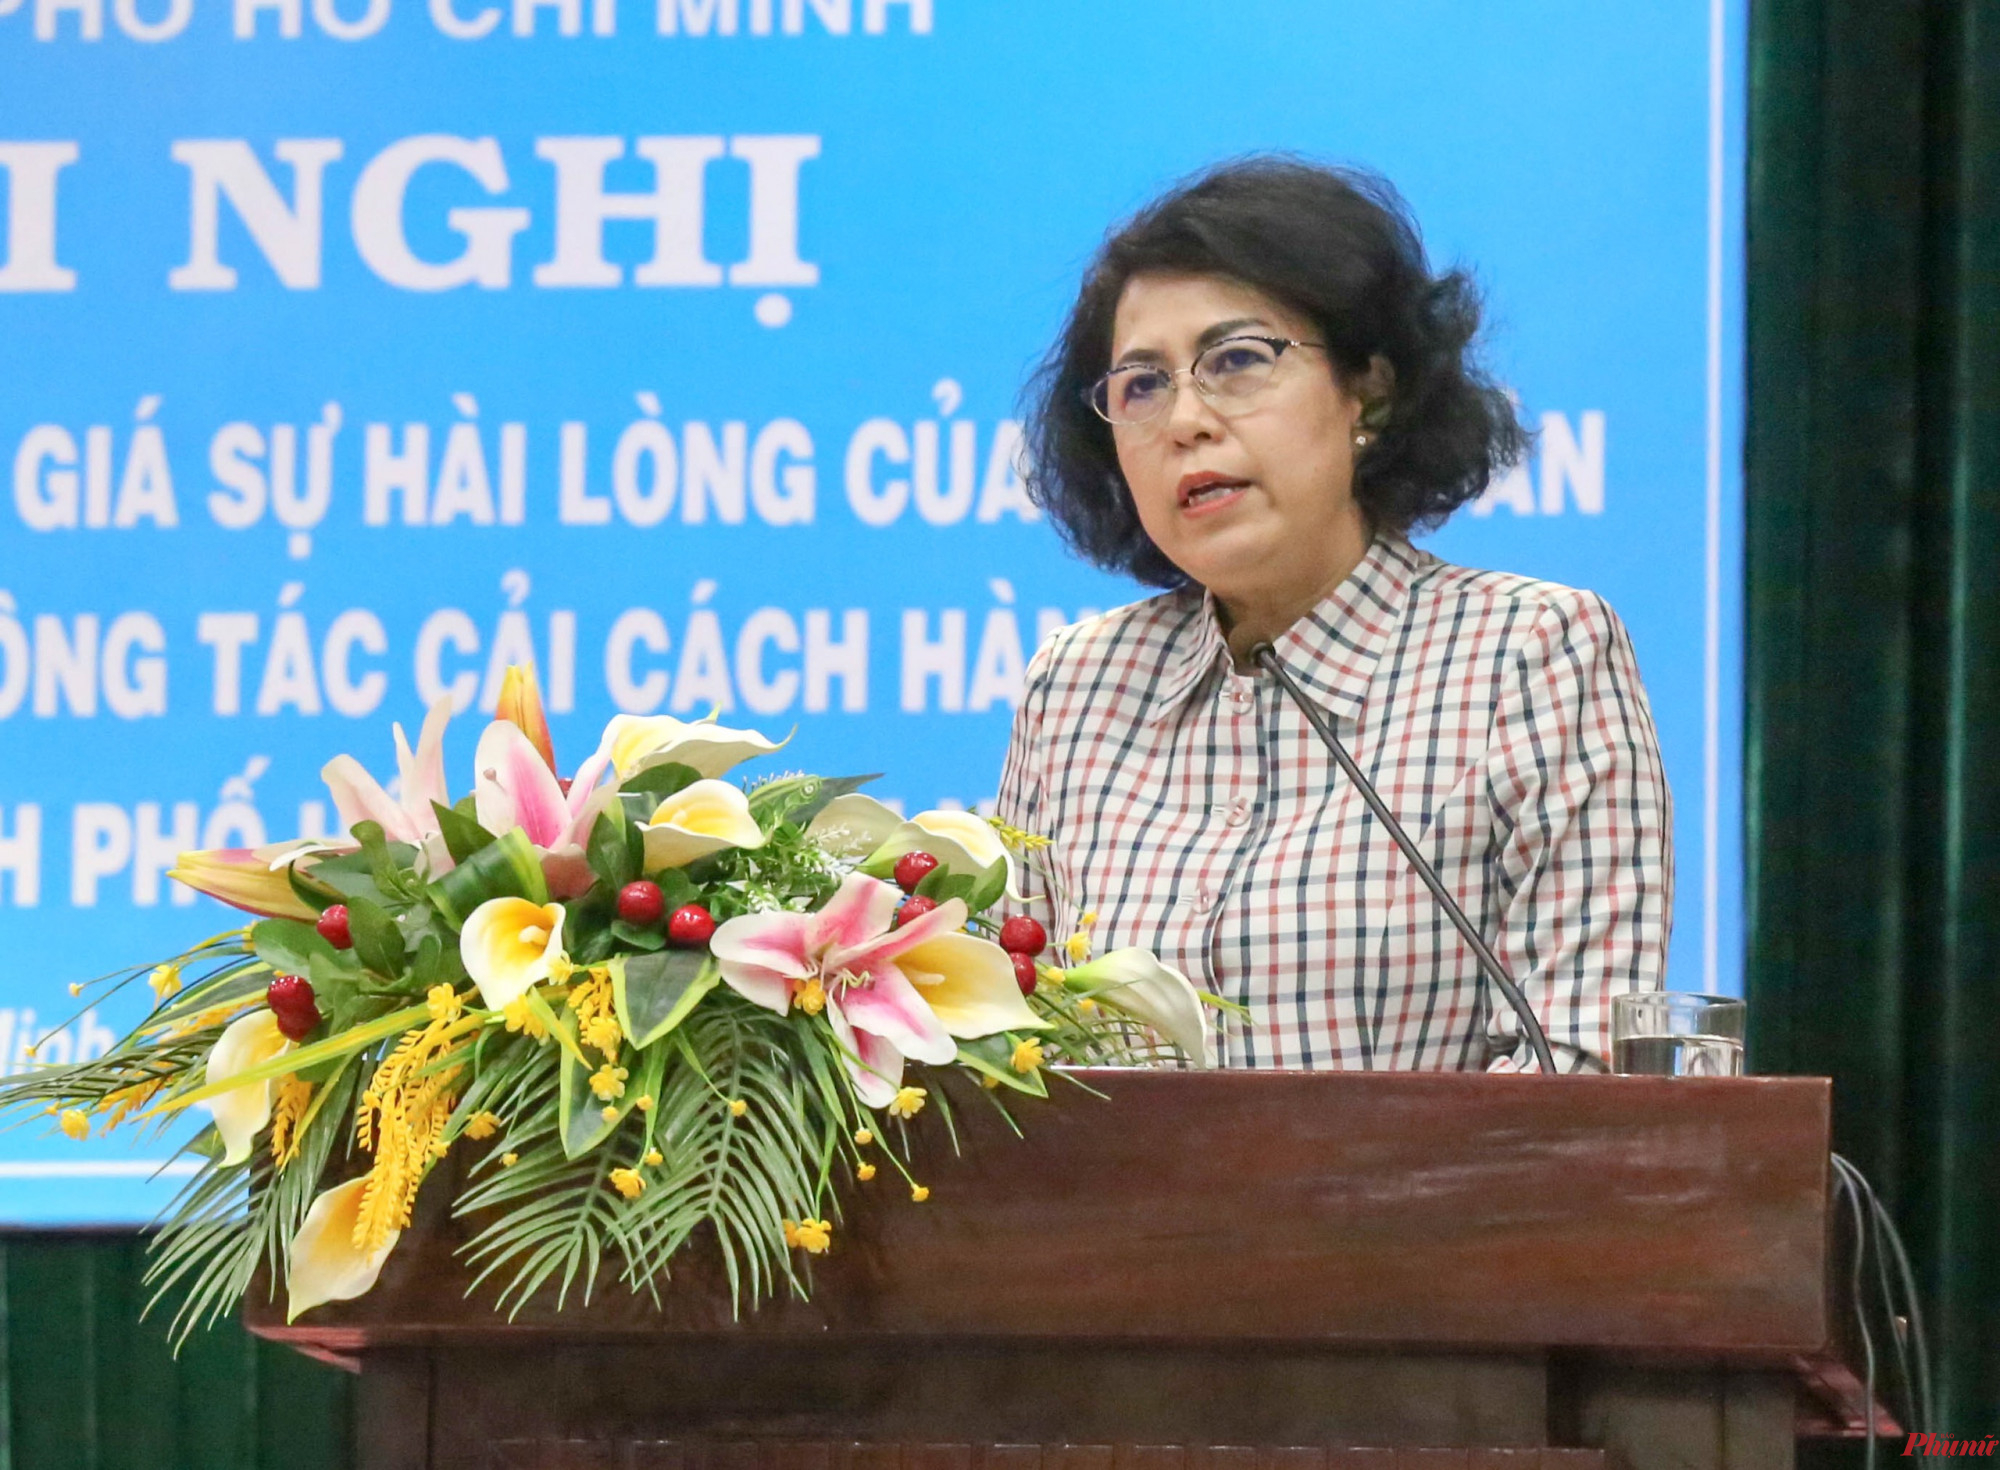 Bà Tô Thị Bích Châu - Chủ tịch UBMTTQVN TPHCM phát biểu tại hội nghị